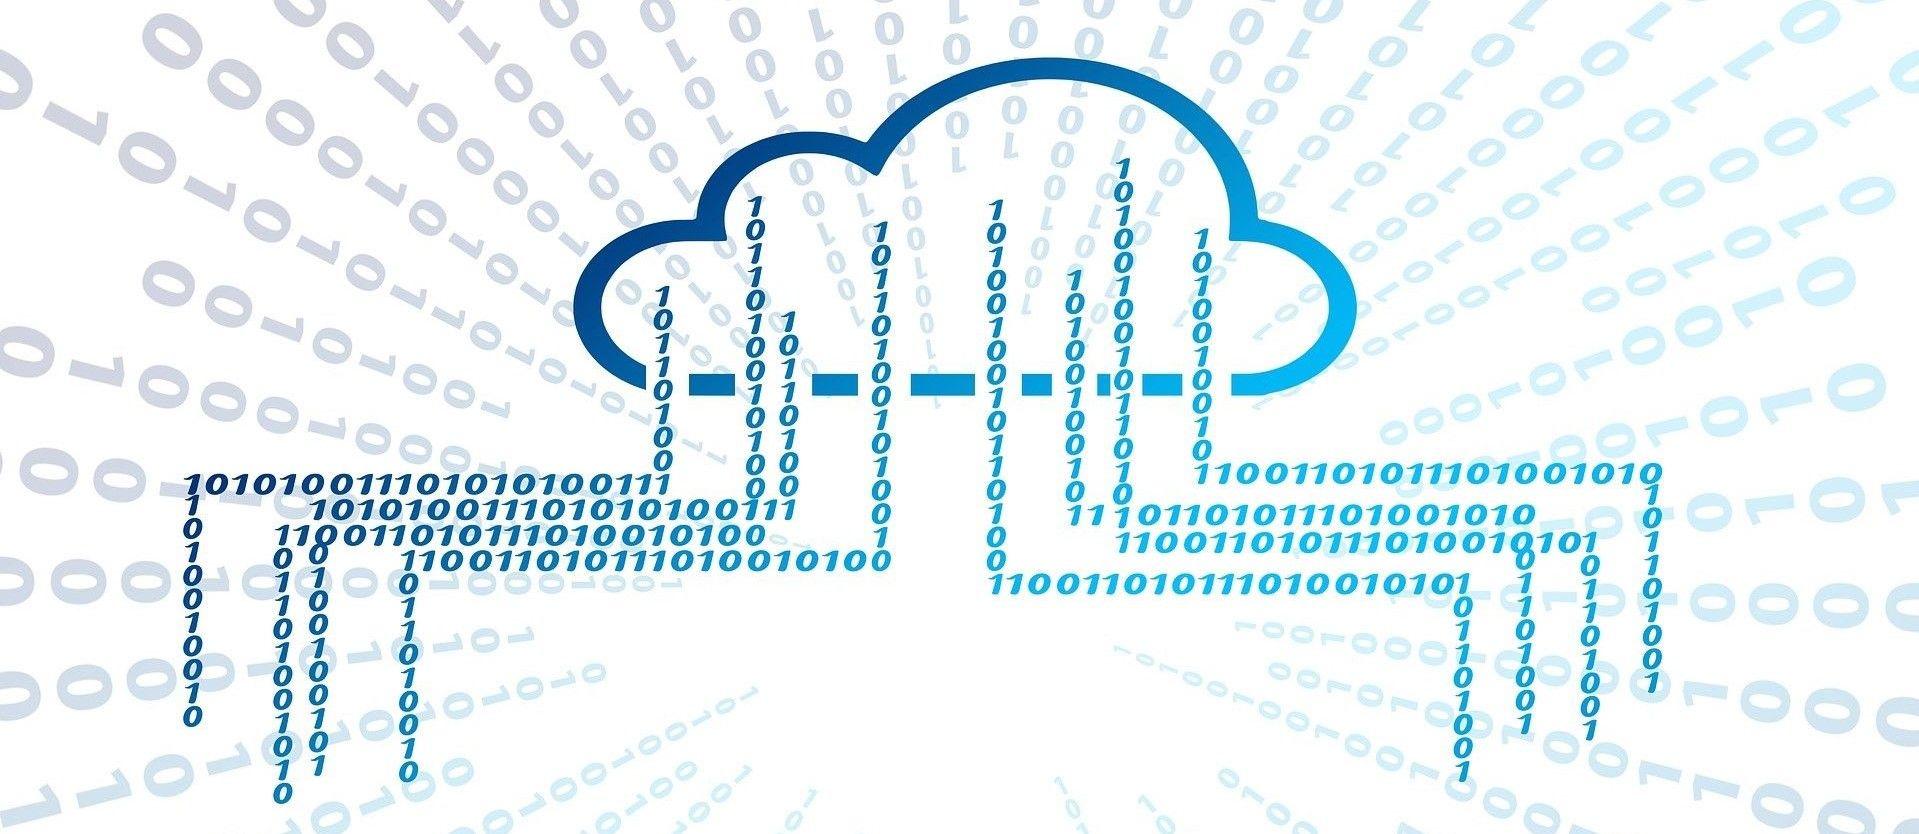 Cloud storage pipeline